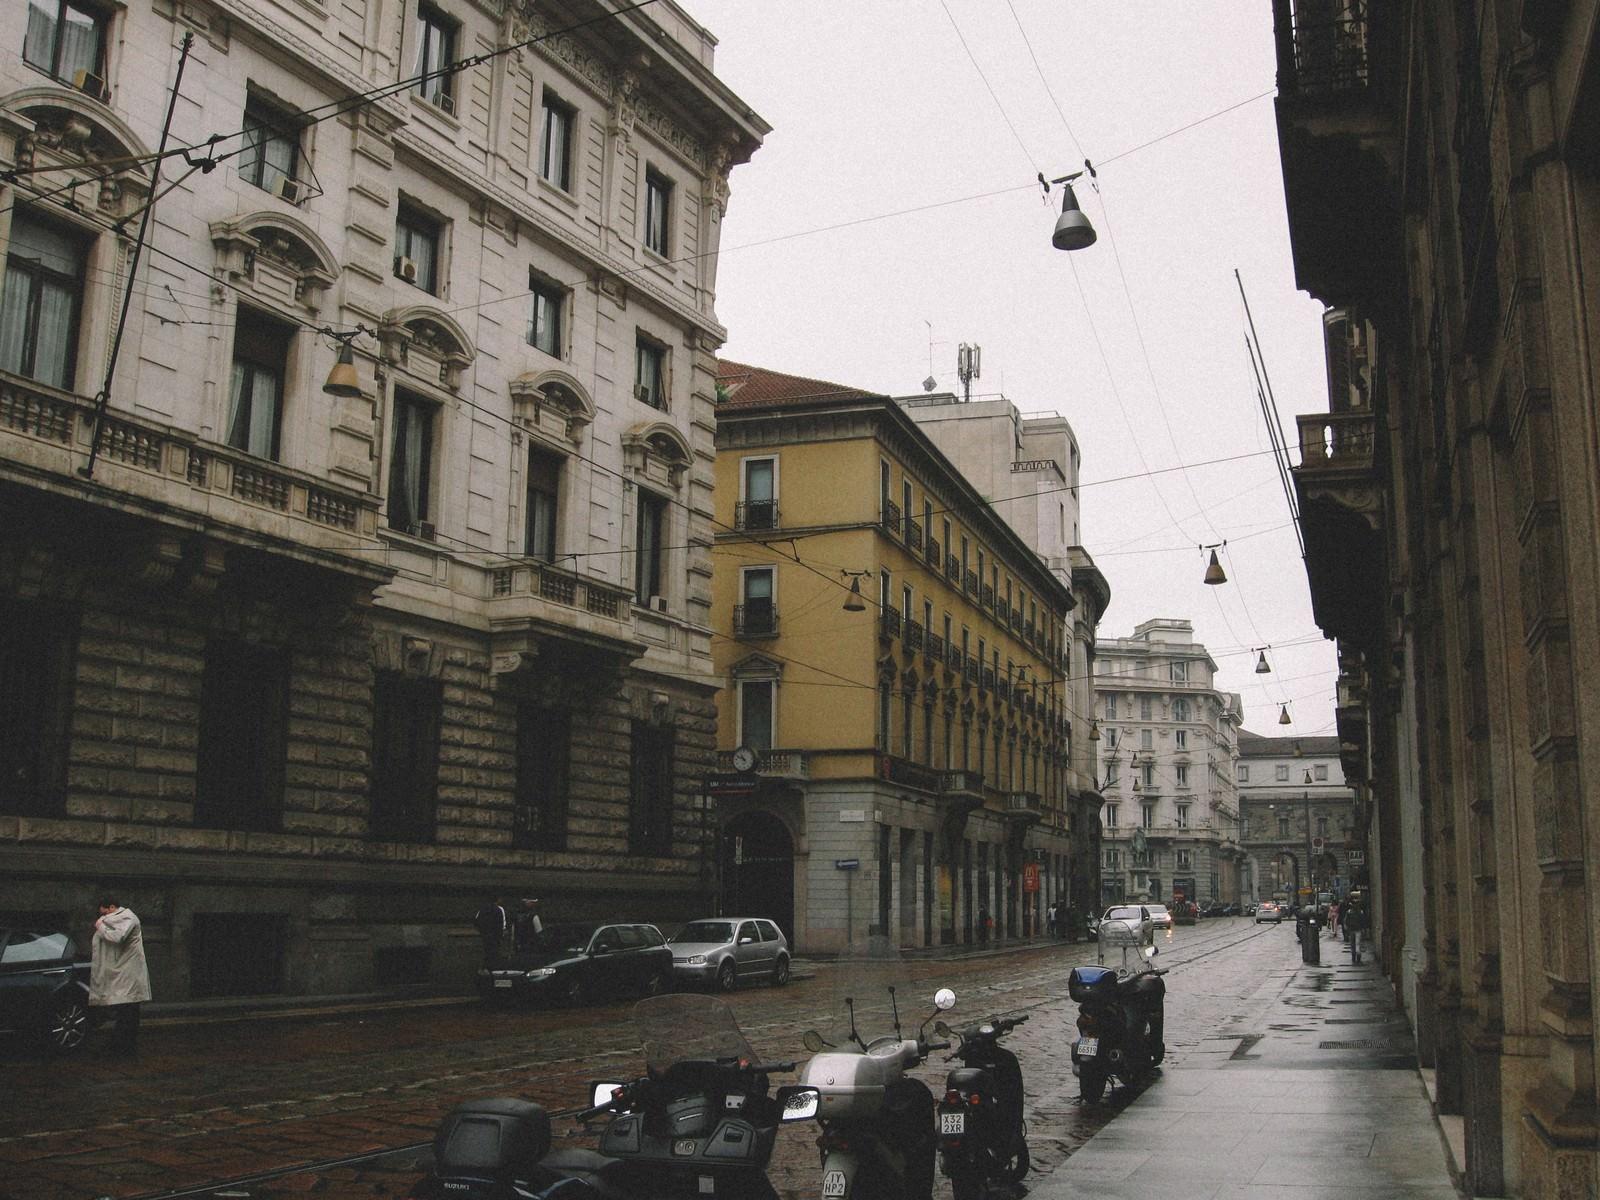 「雨上がりの濡れた路地に停められたバイク(イタリア ミラノ)」の写真